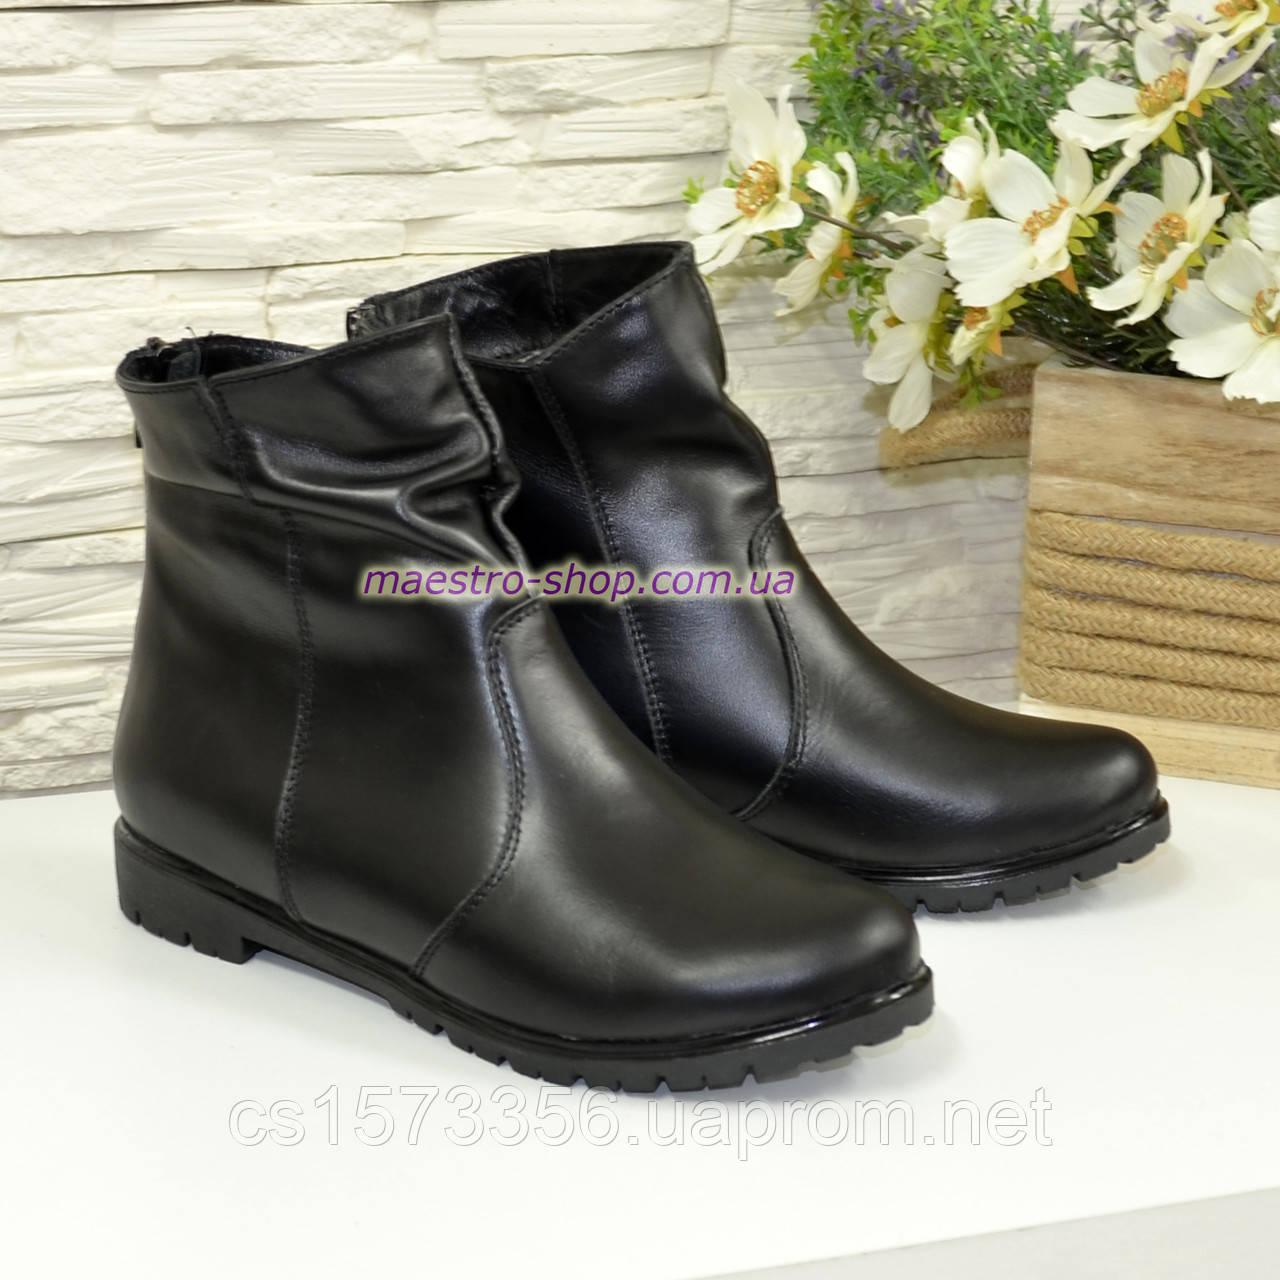 Женские ботинки (ботильоны)  кожаные демисезонные